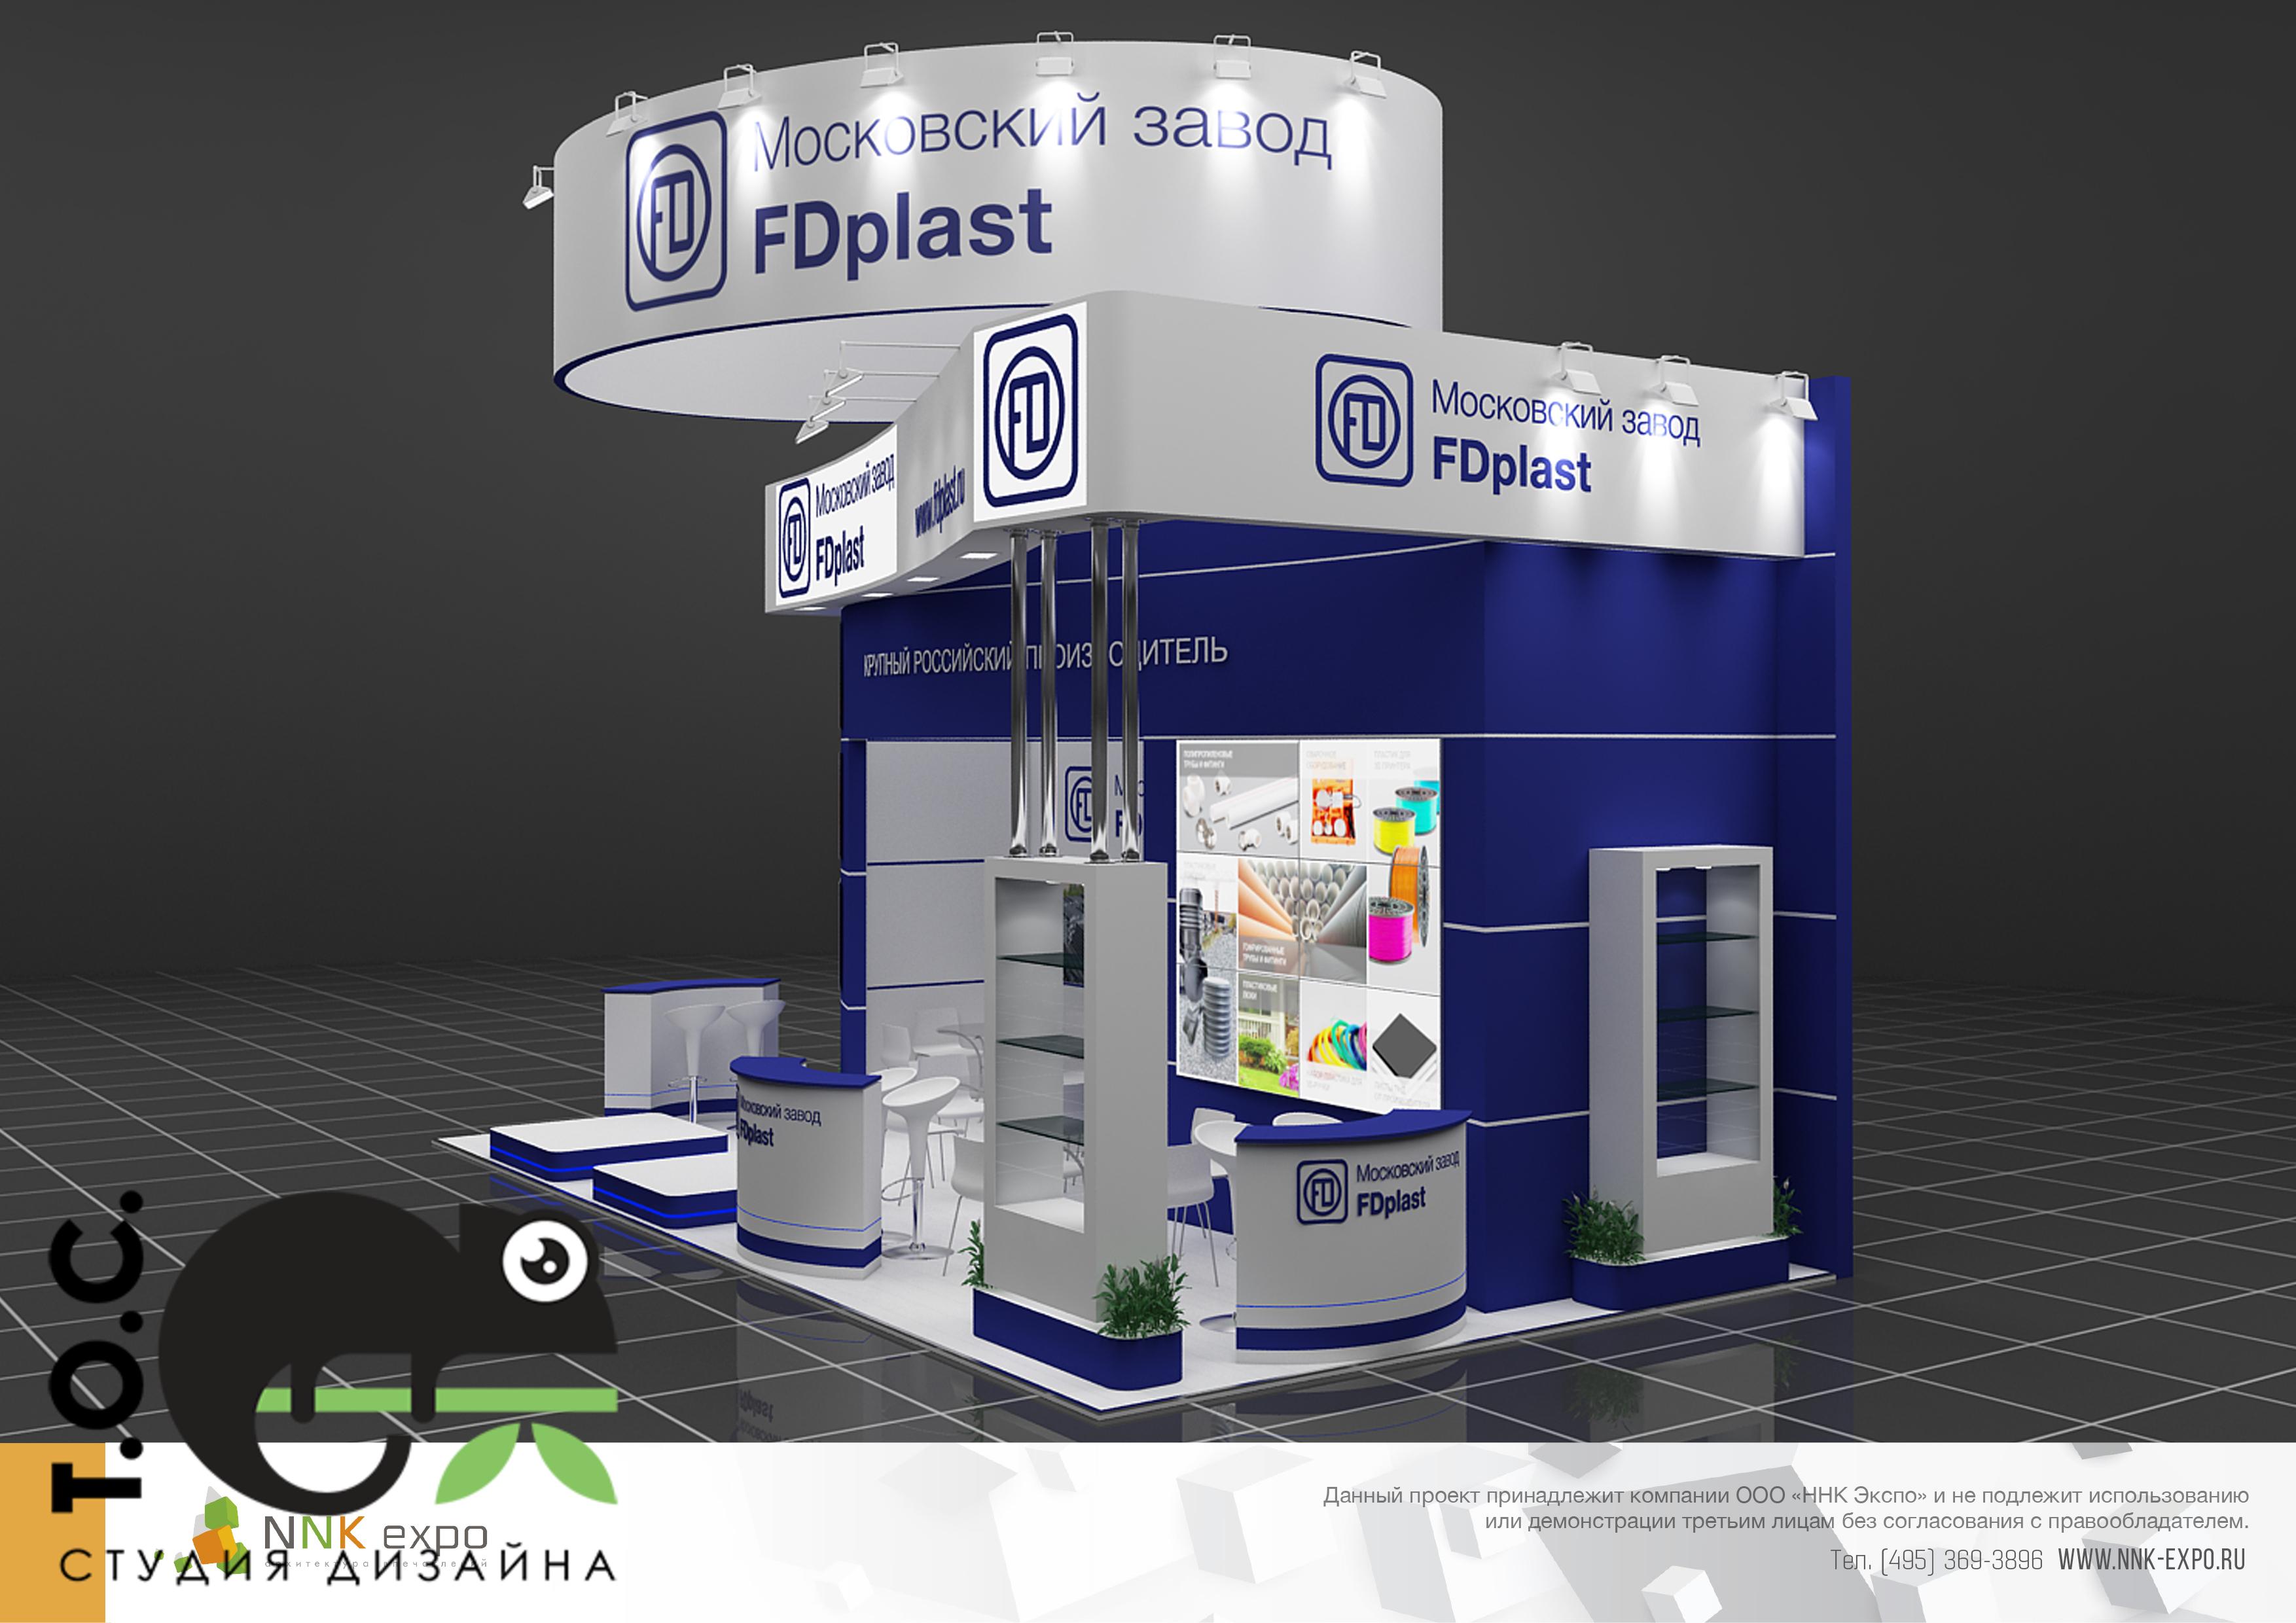 Дизайн проект выставочного стенда Московский завод FDplast.